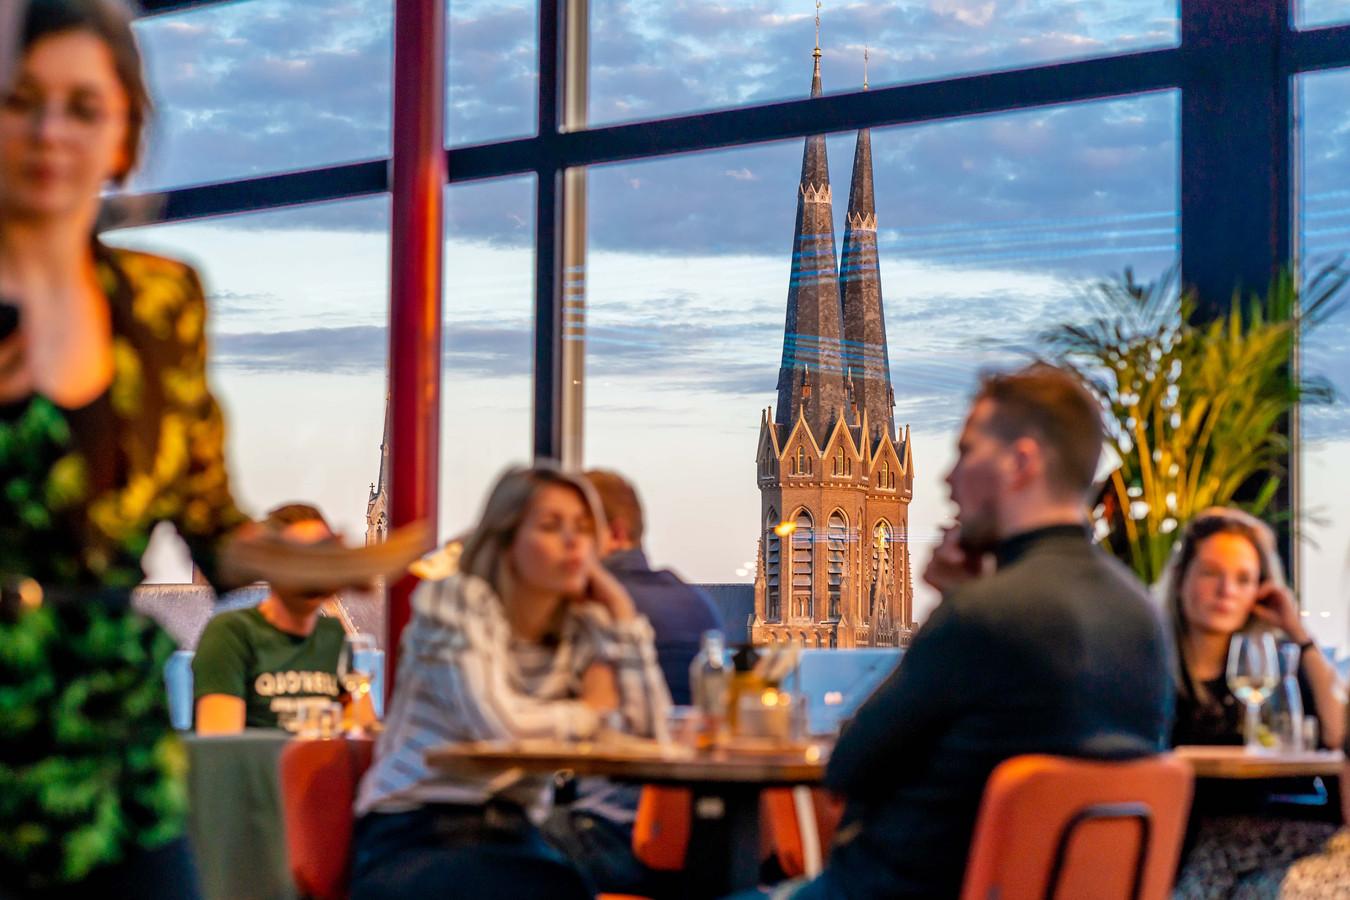 Geschoten door Wildschieters De proefavond eerder deze week bij Doloris, vanaf de tafel kijk je uit op de skyline van Tilburg.